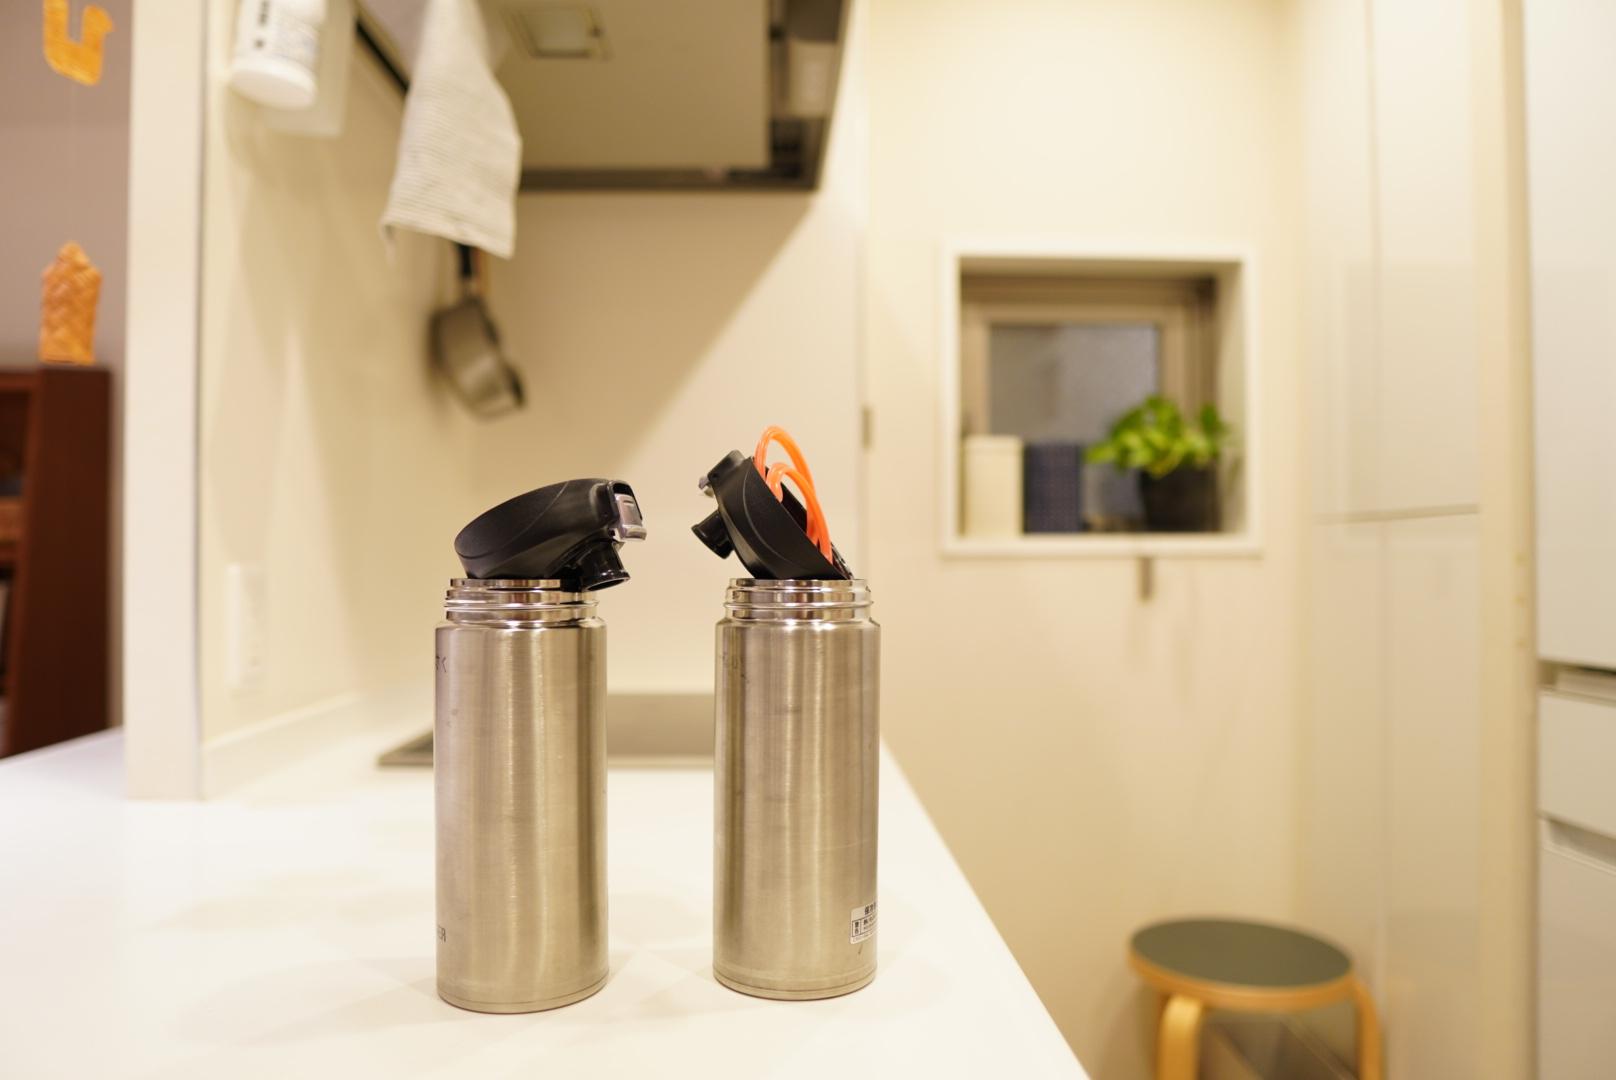 【キッチン収納】毎日使う水筒は出しっぱなし?